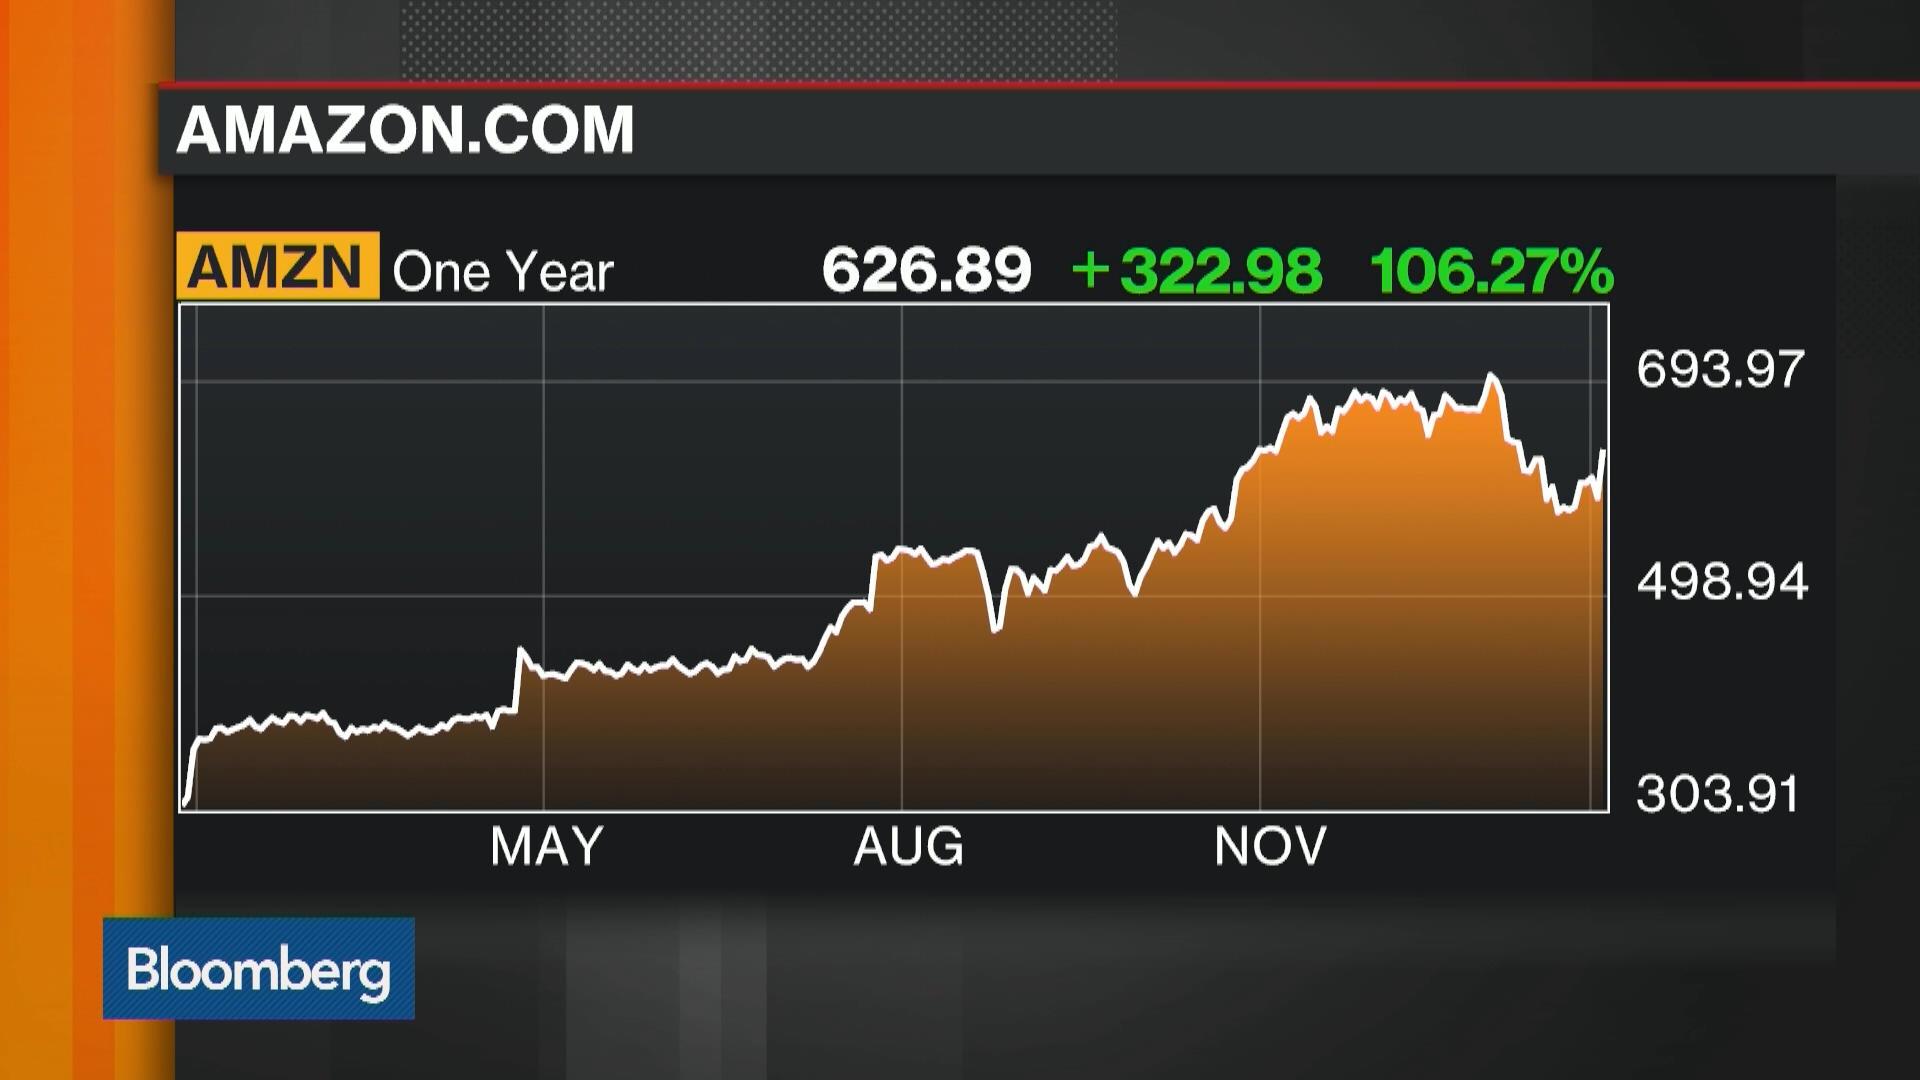 Amazon earnings date in Australia